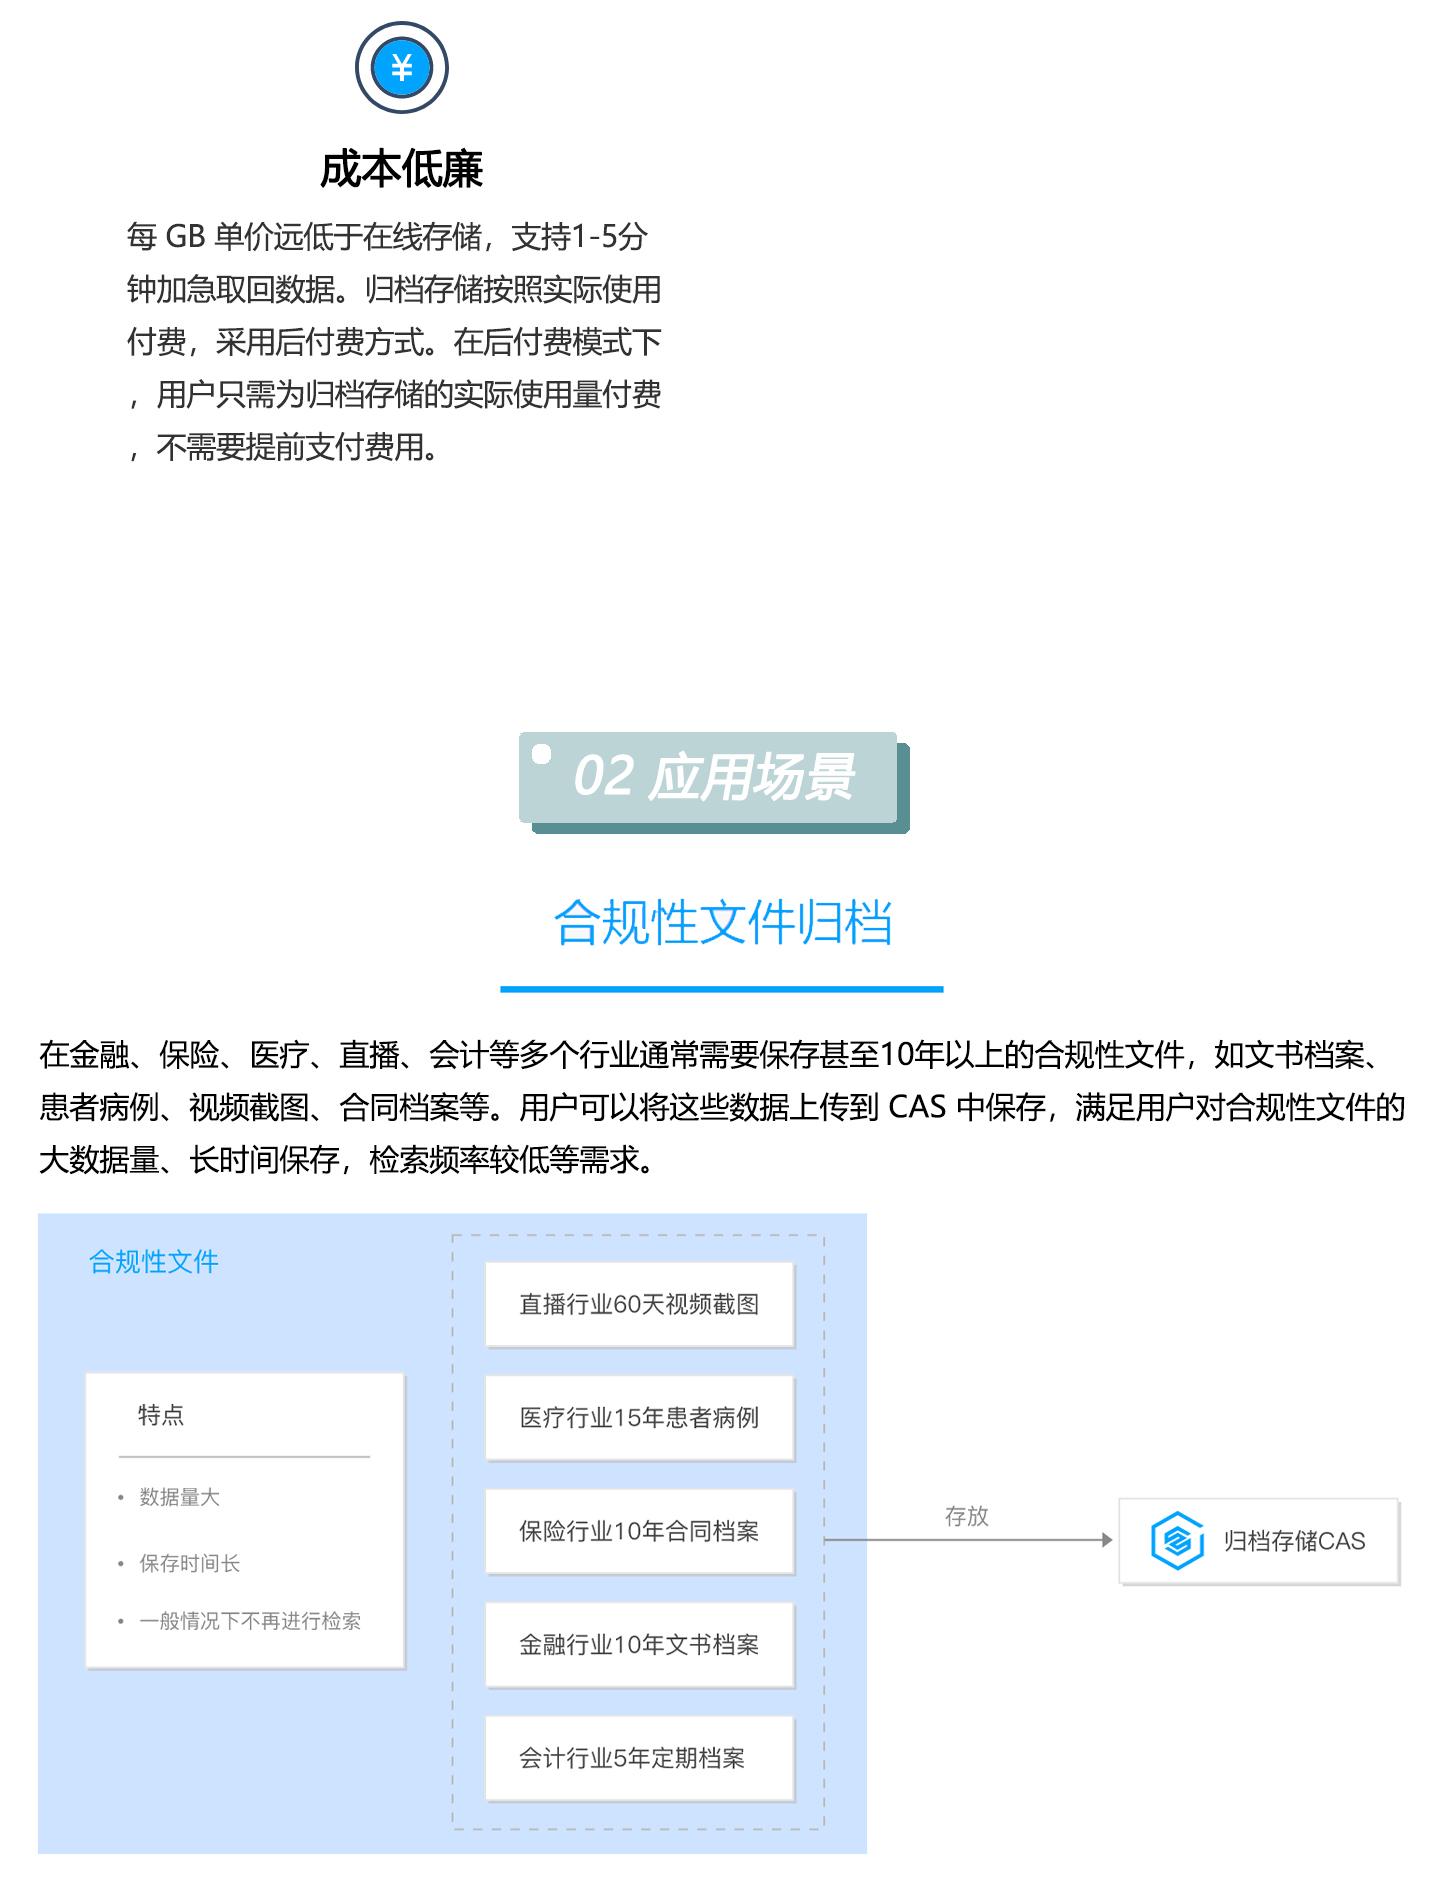 归档存储1440_02.jpg